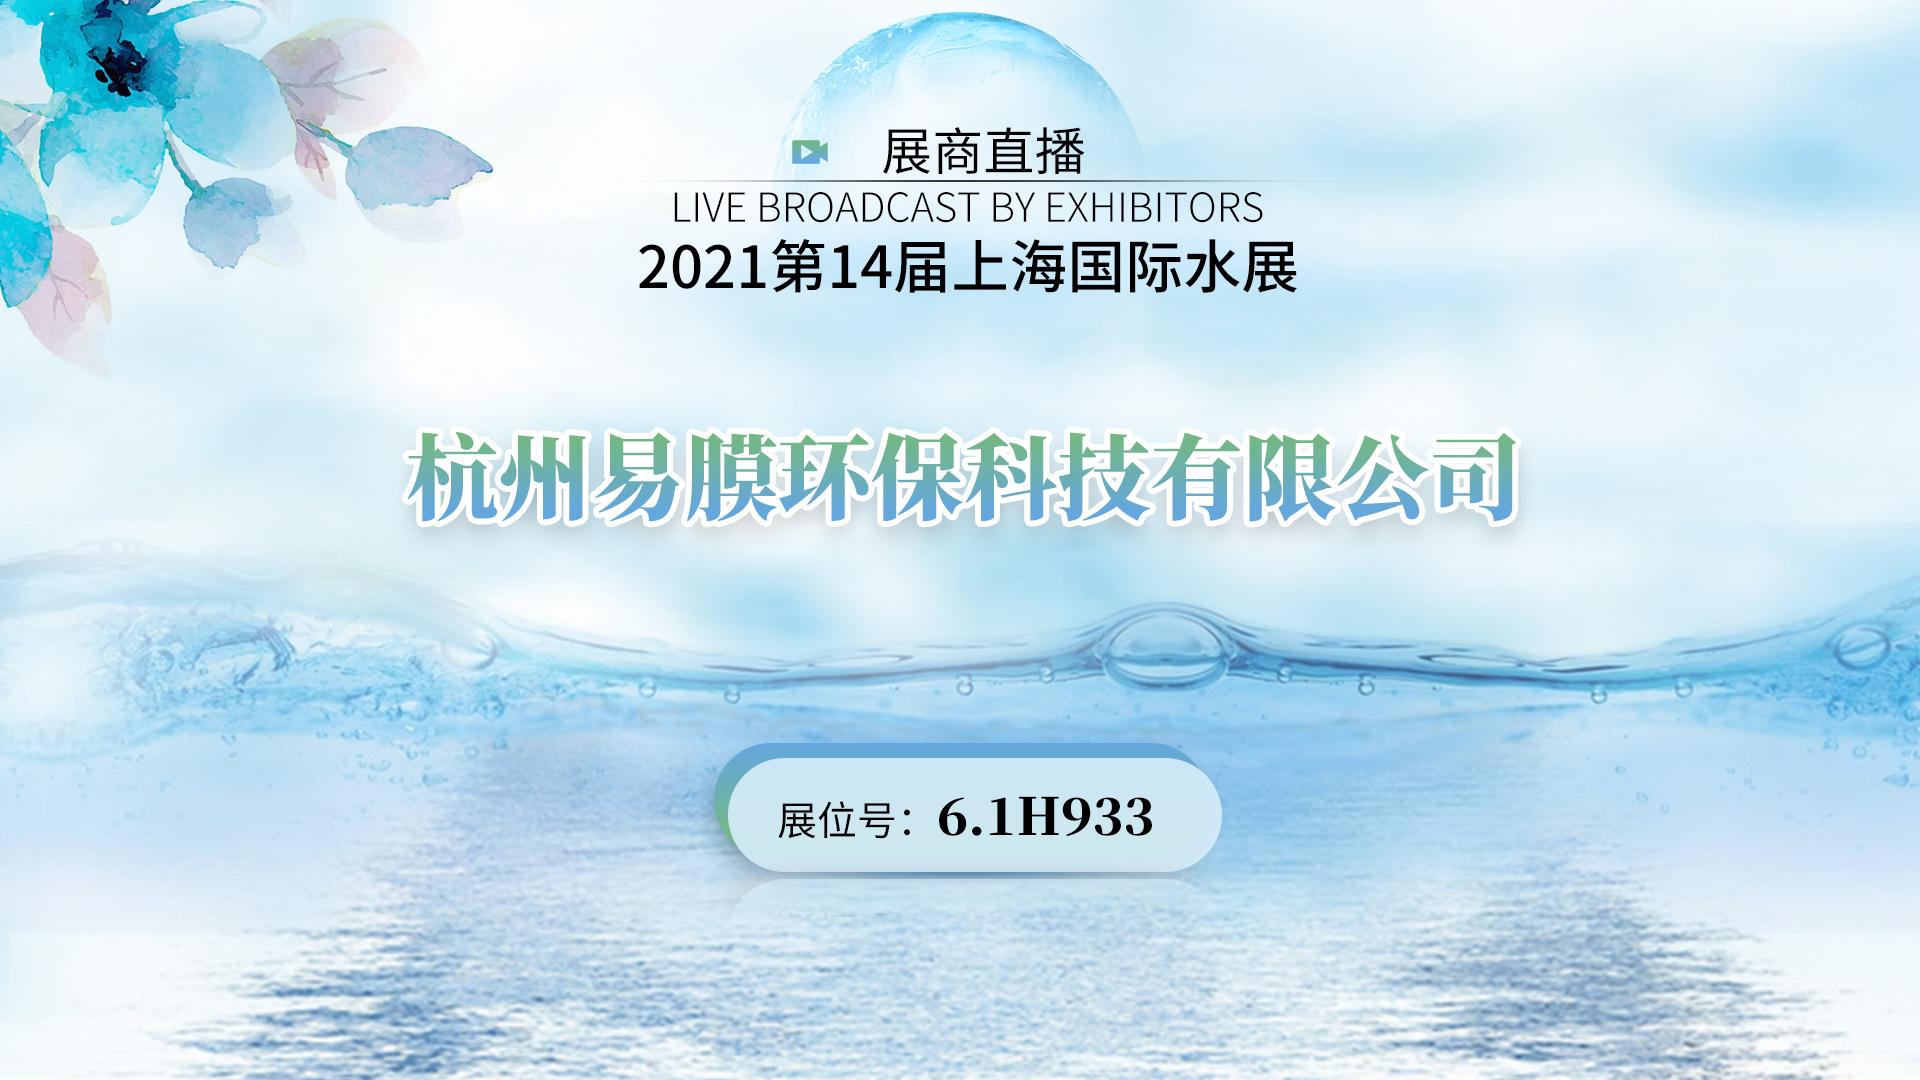 易膜环保携主打产品亮相2021世环会 展位:6.1H933